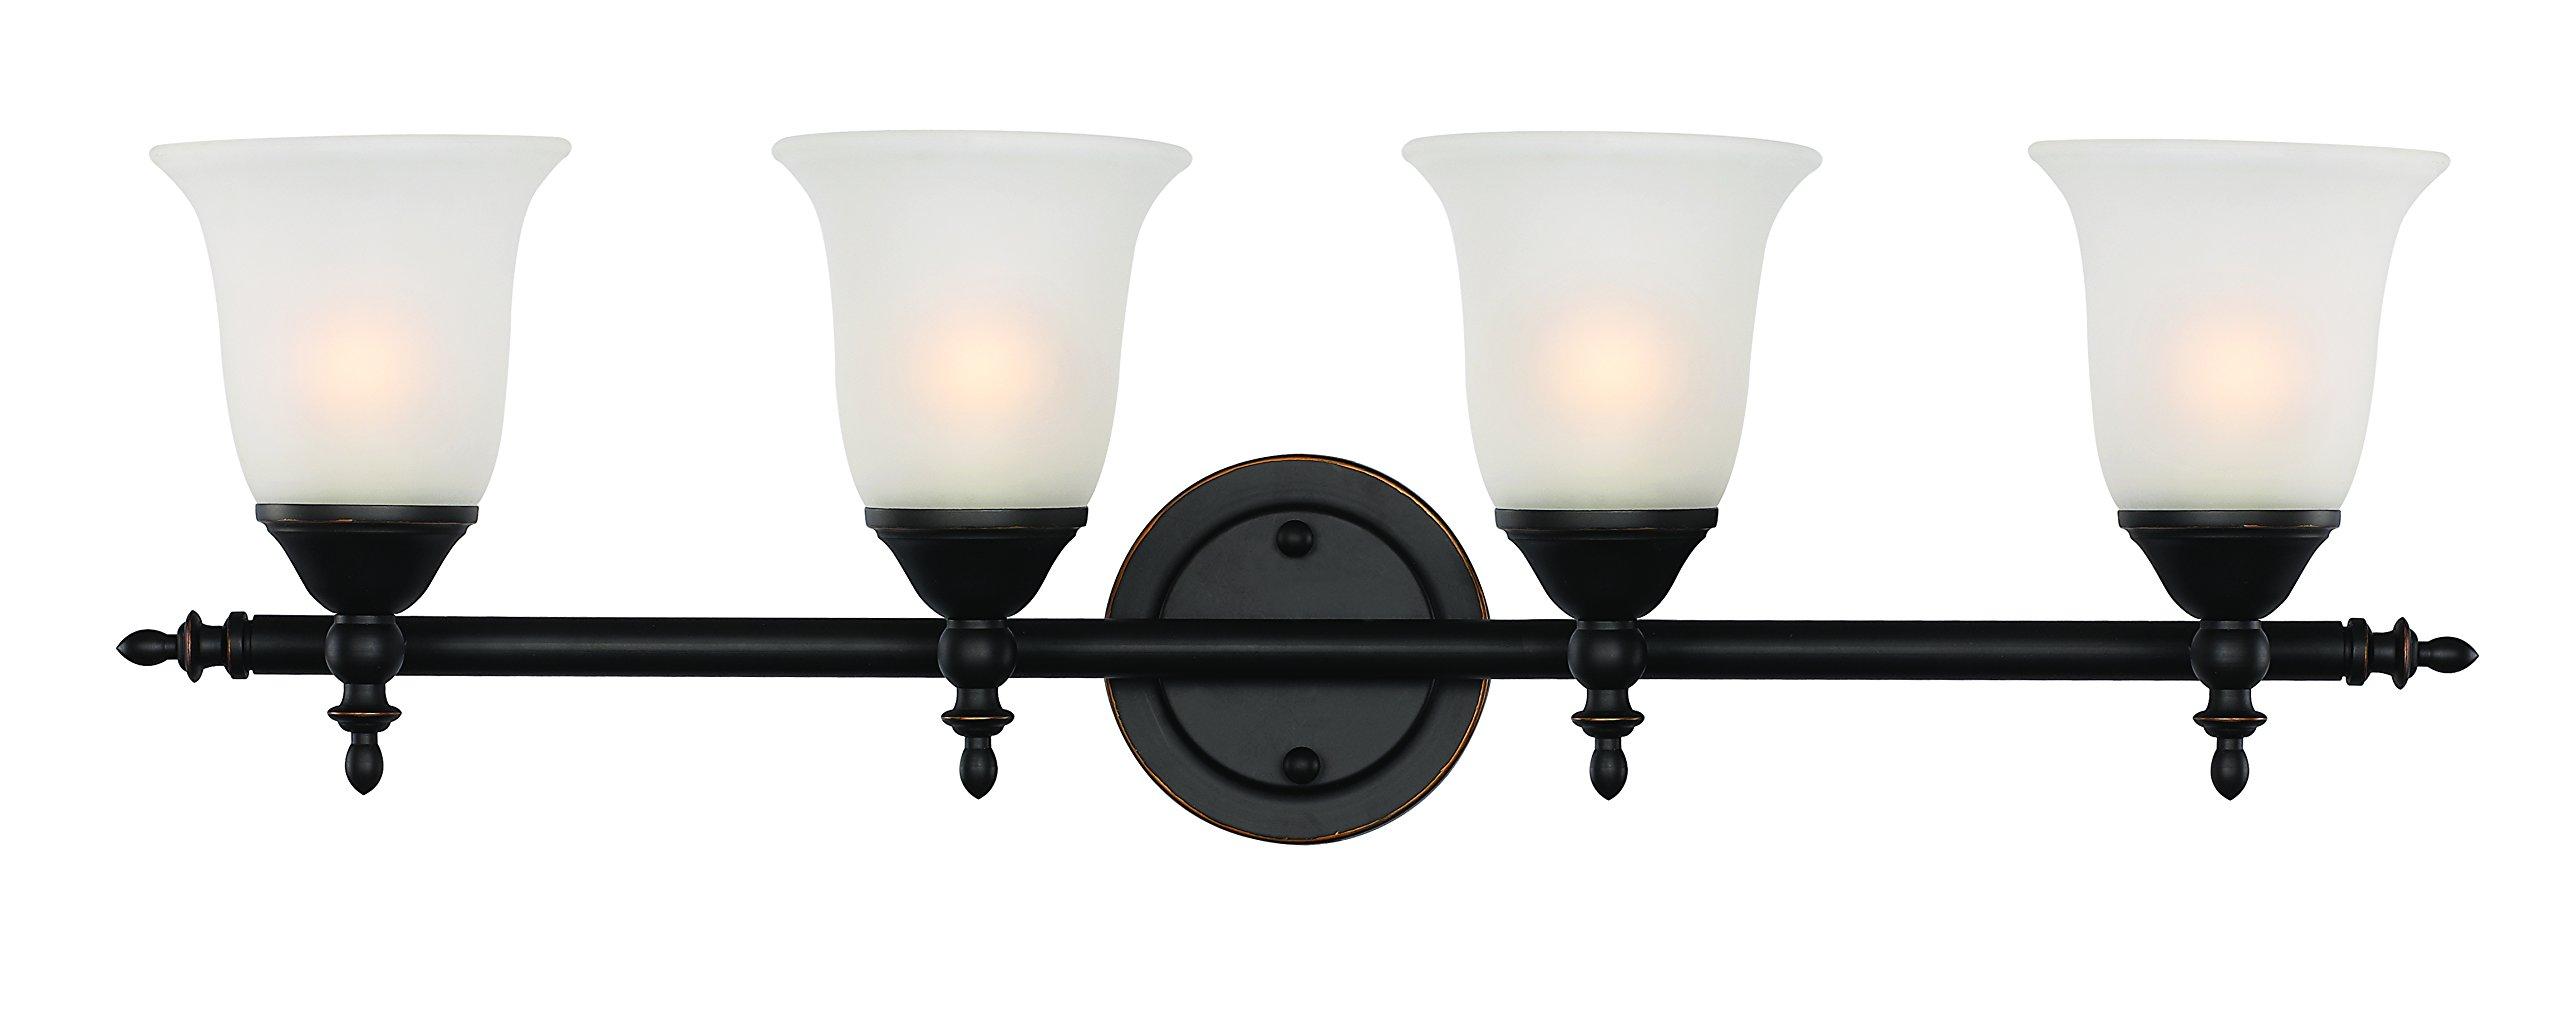 Trans Globe Lighting 20394 ROB Indoor Gassaway 29'' Vanity Bar, Rubbed Oil Bronze